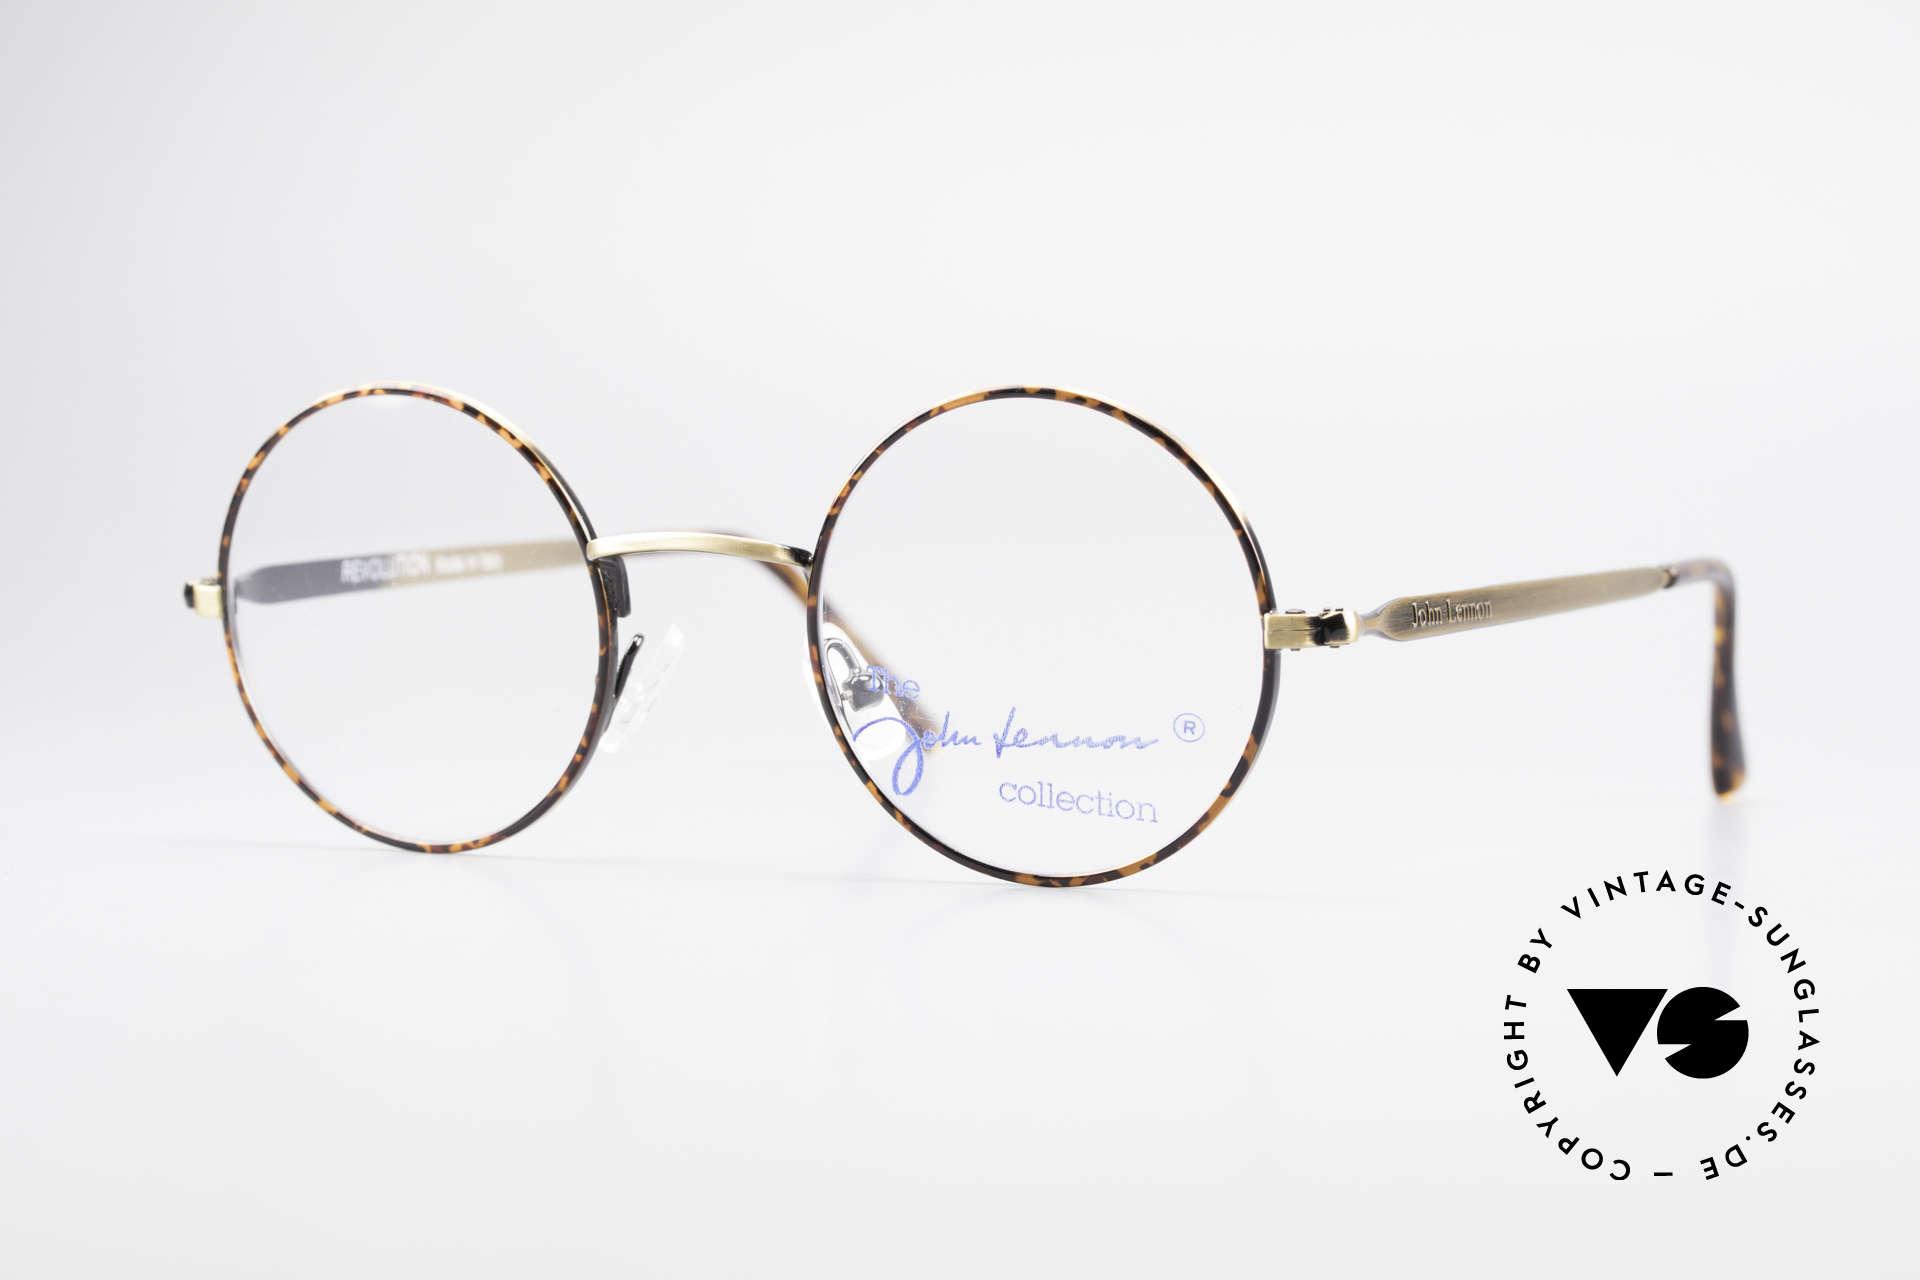 John Lennon - Revolution Small Round Vintage Glasses, original 'JOHN LENNON COLLECTION' eyeglasses, Made for Men and Women